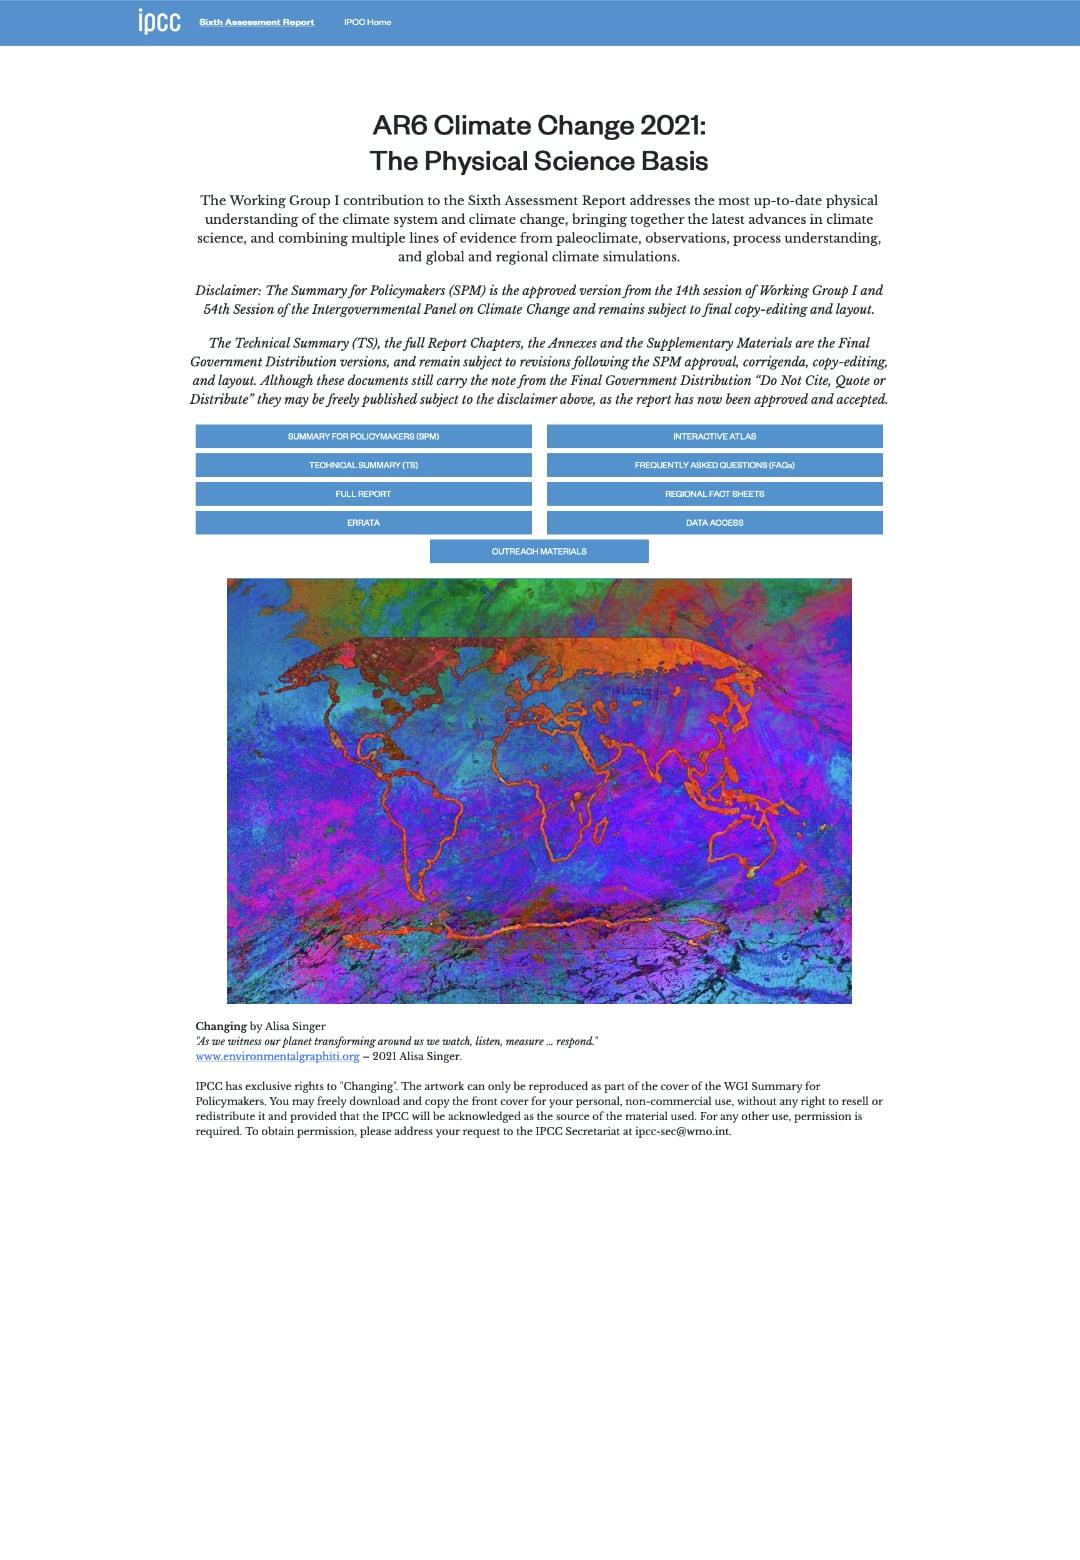 thefuture, IPCC_AR6_WGI_Homepage